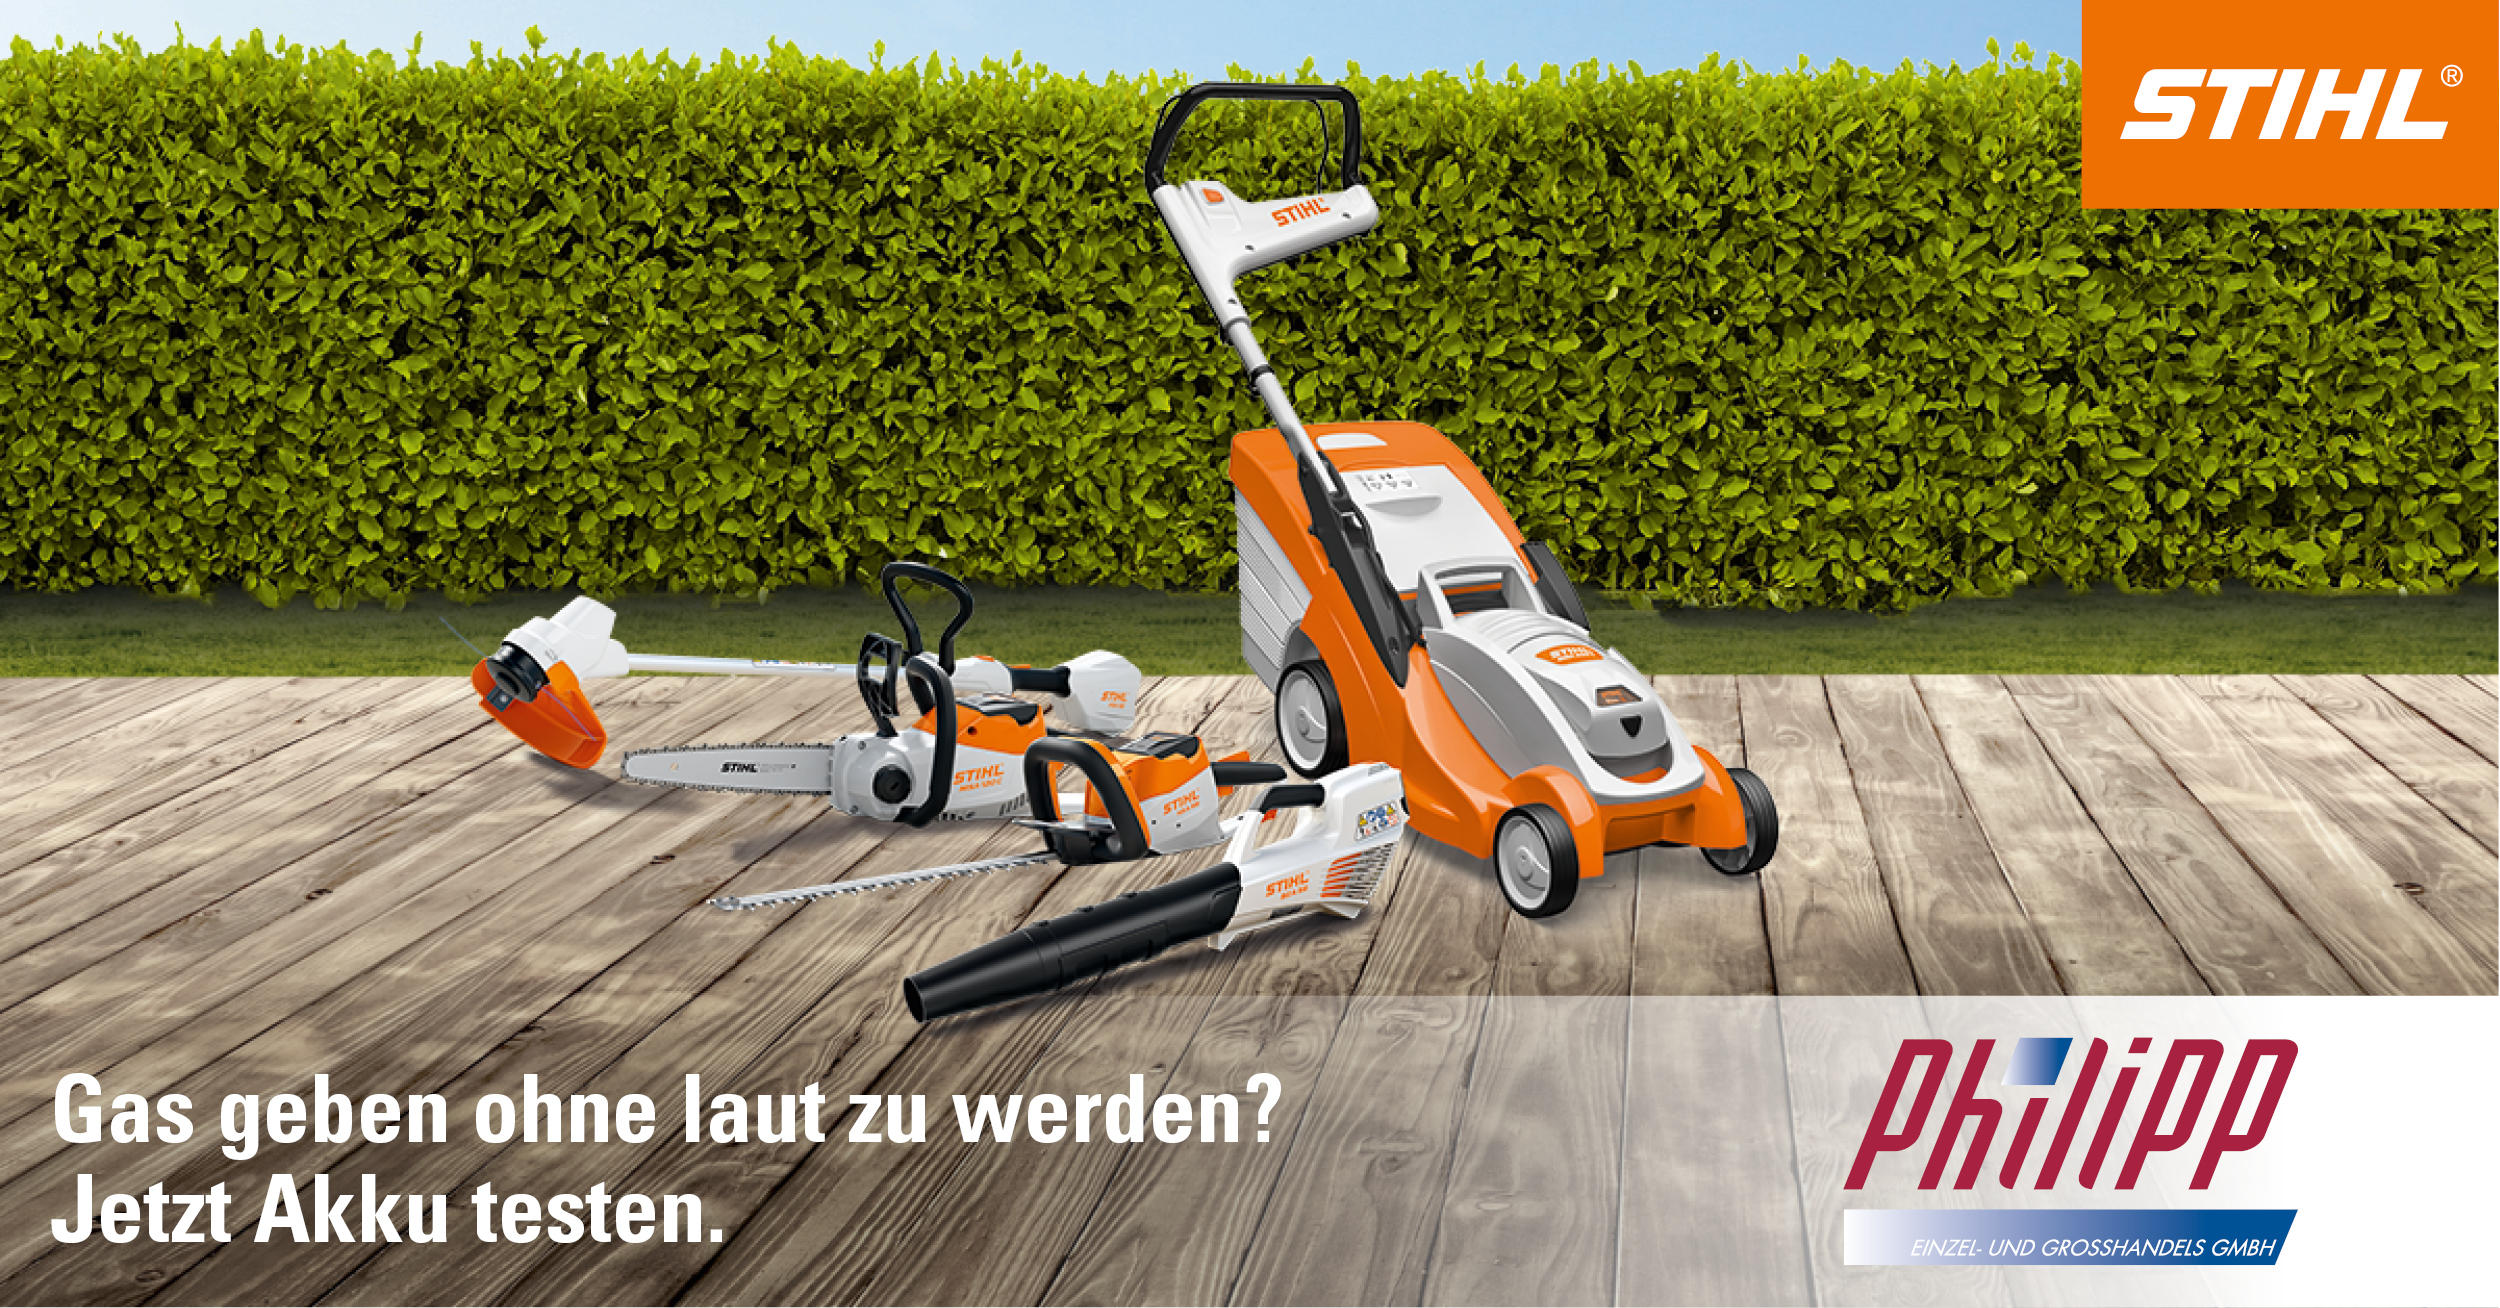 Philipp Einzel- u. Großhandels GmbH